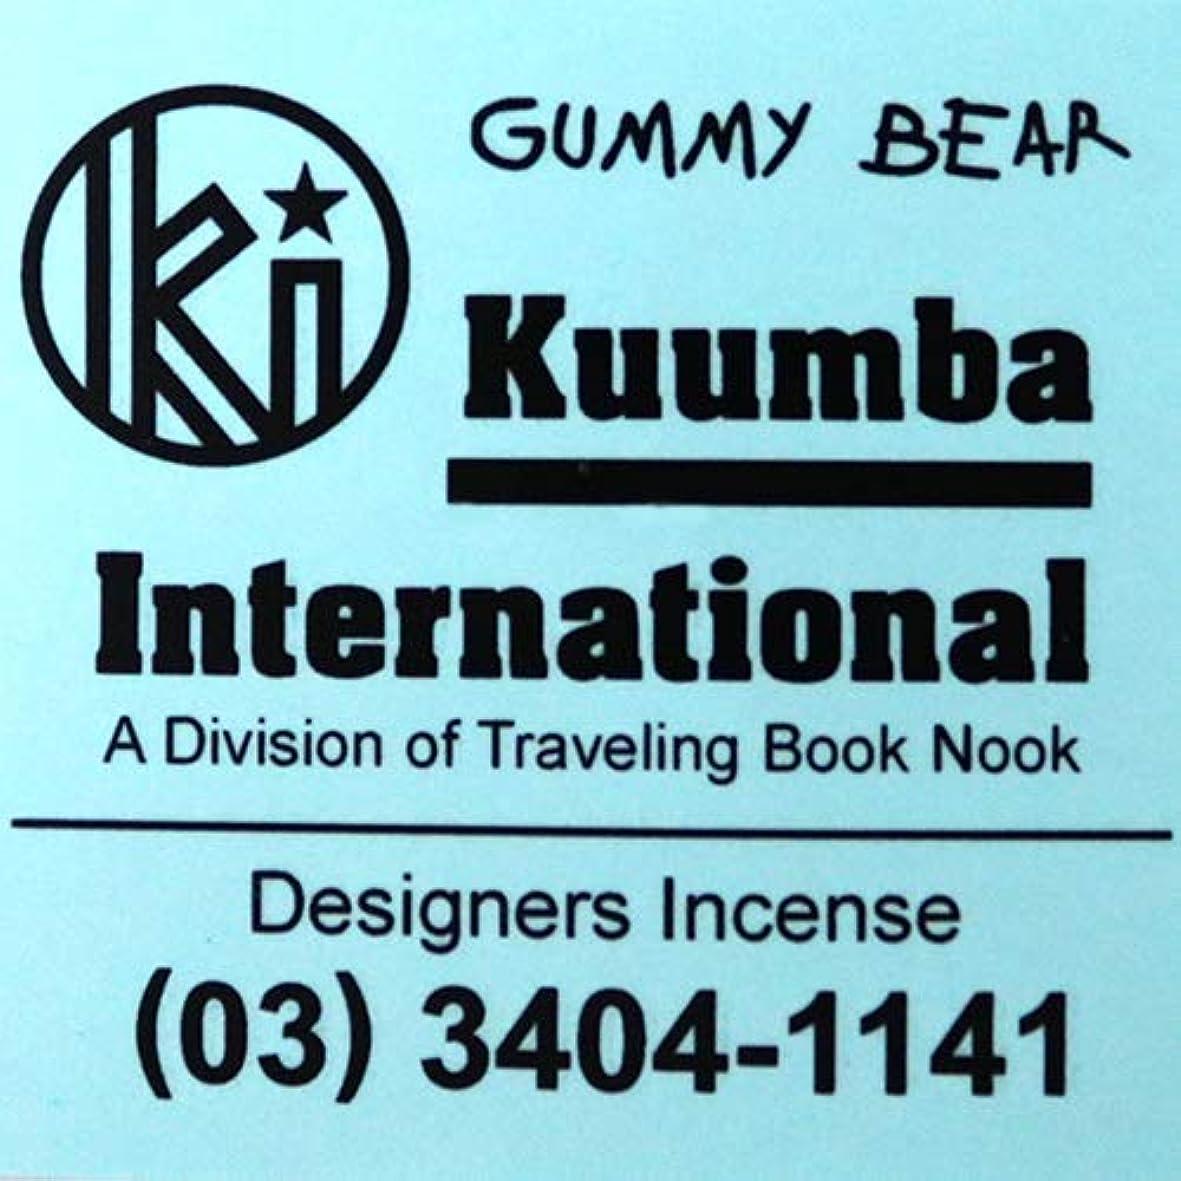 両方お酒深い(クンバ) KUUMBA『incense』(GUMMY BEAR) (GUMMY BEAR, Regular size)